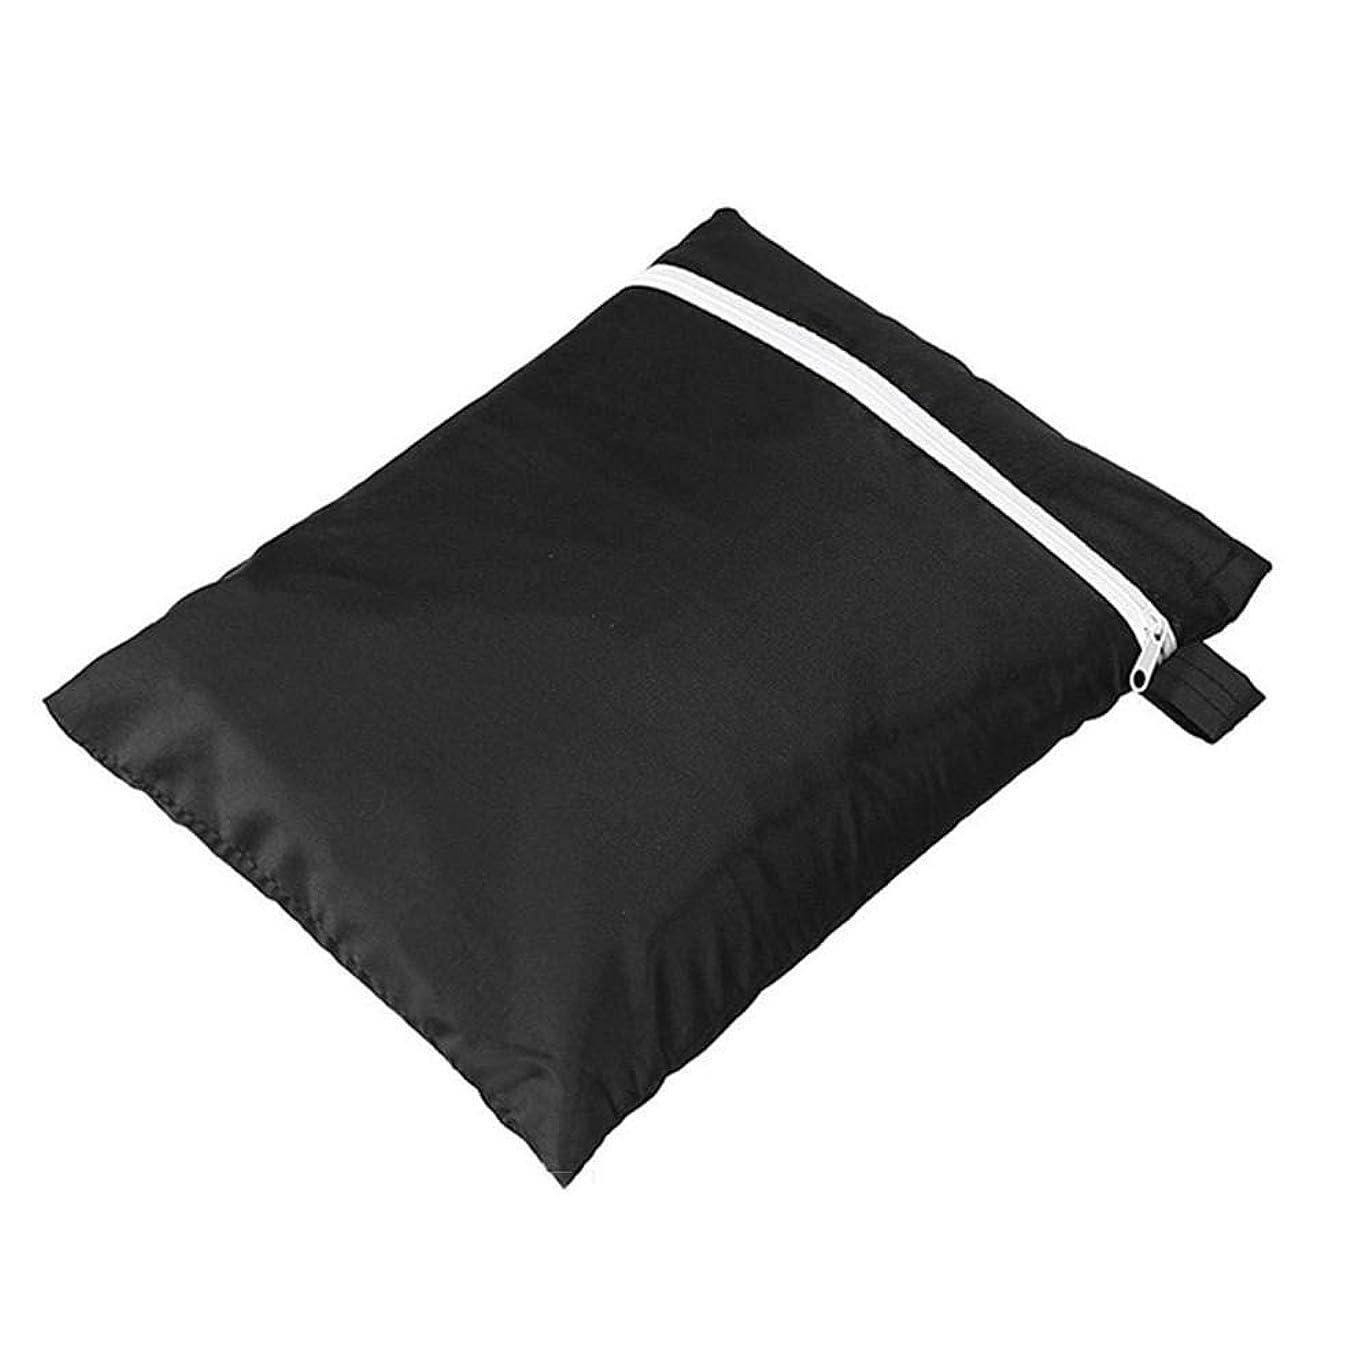 脈拍背骨受けるLUHUN防水防塵UV耐性屋外折りたたみ椅子カバー、ガーデンガーデンリクライニングカバー